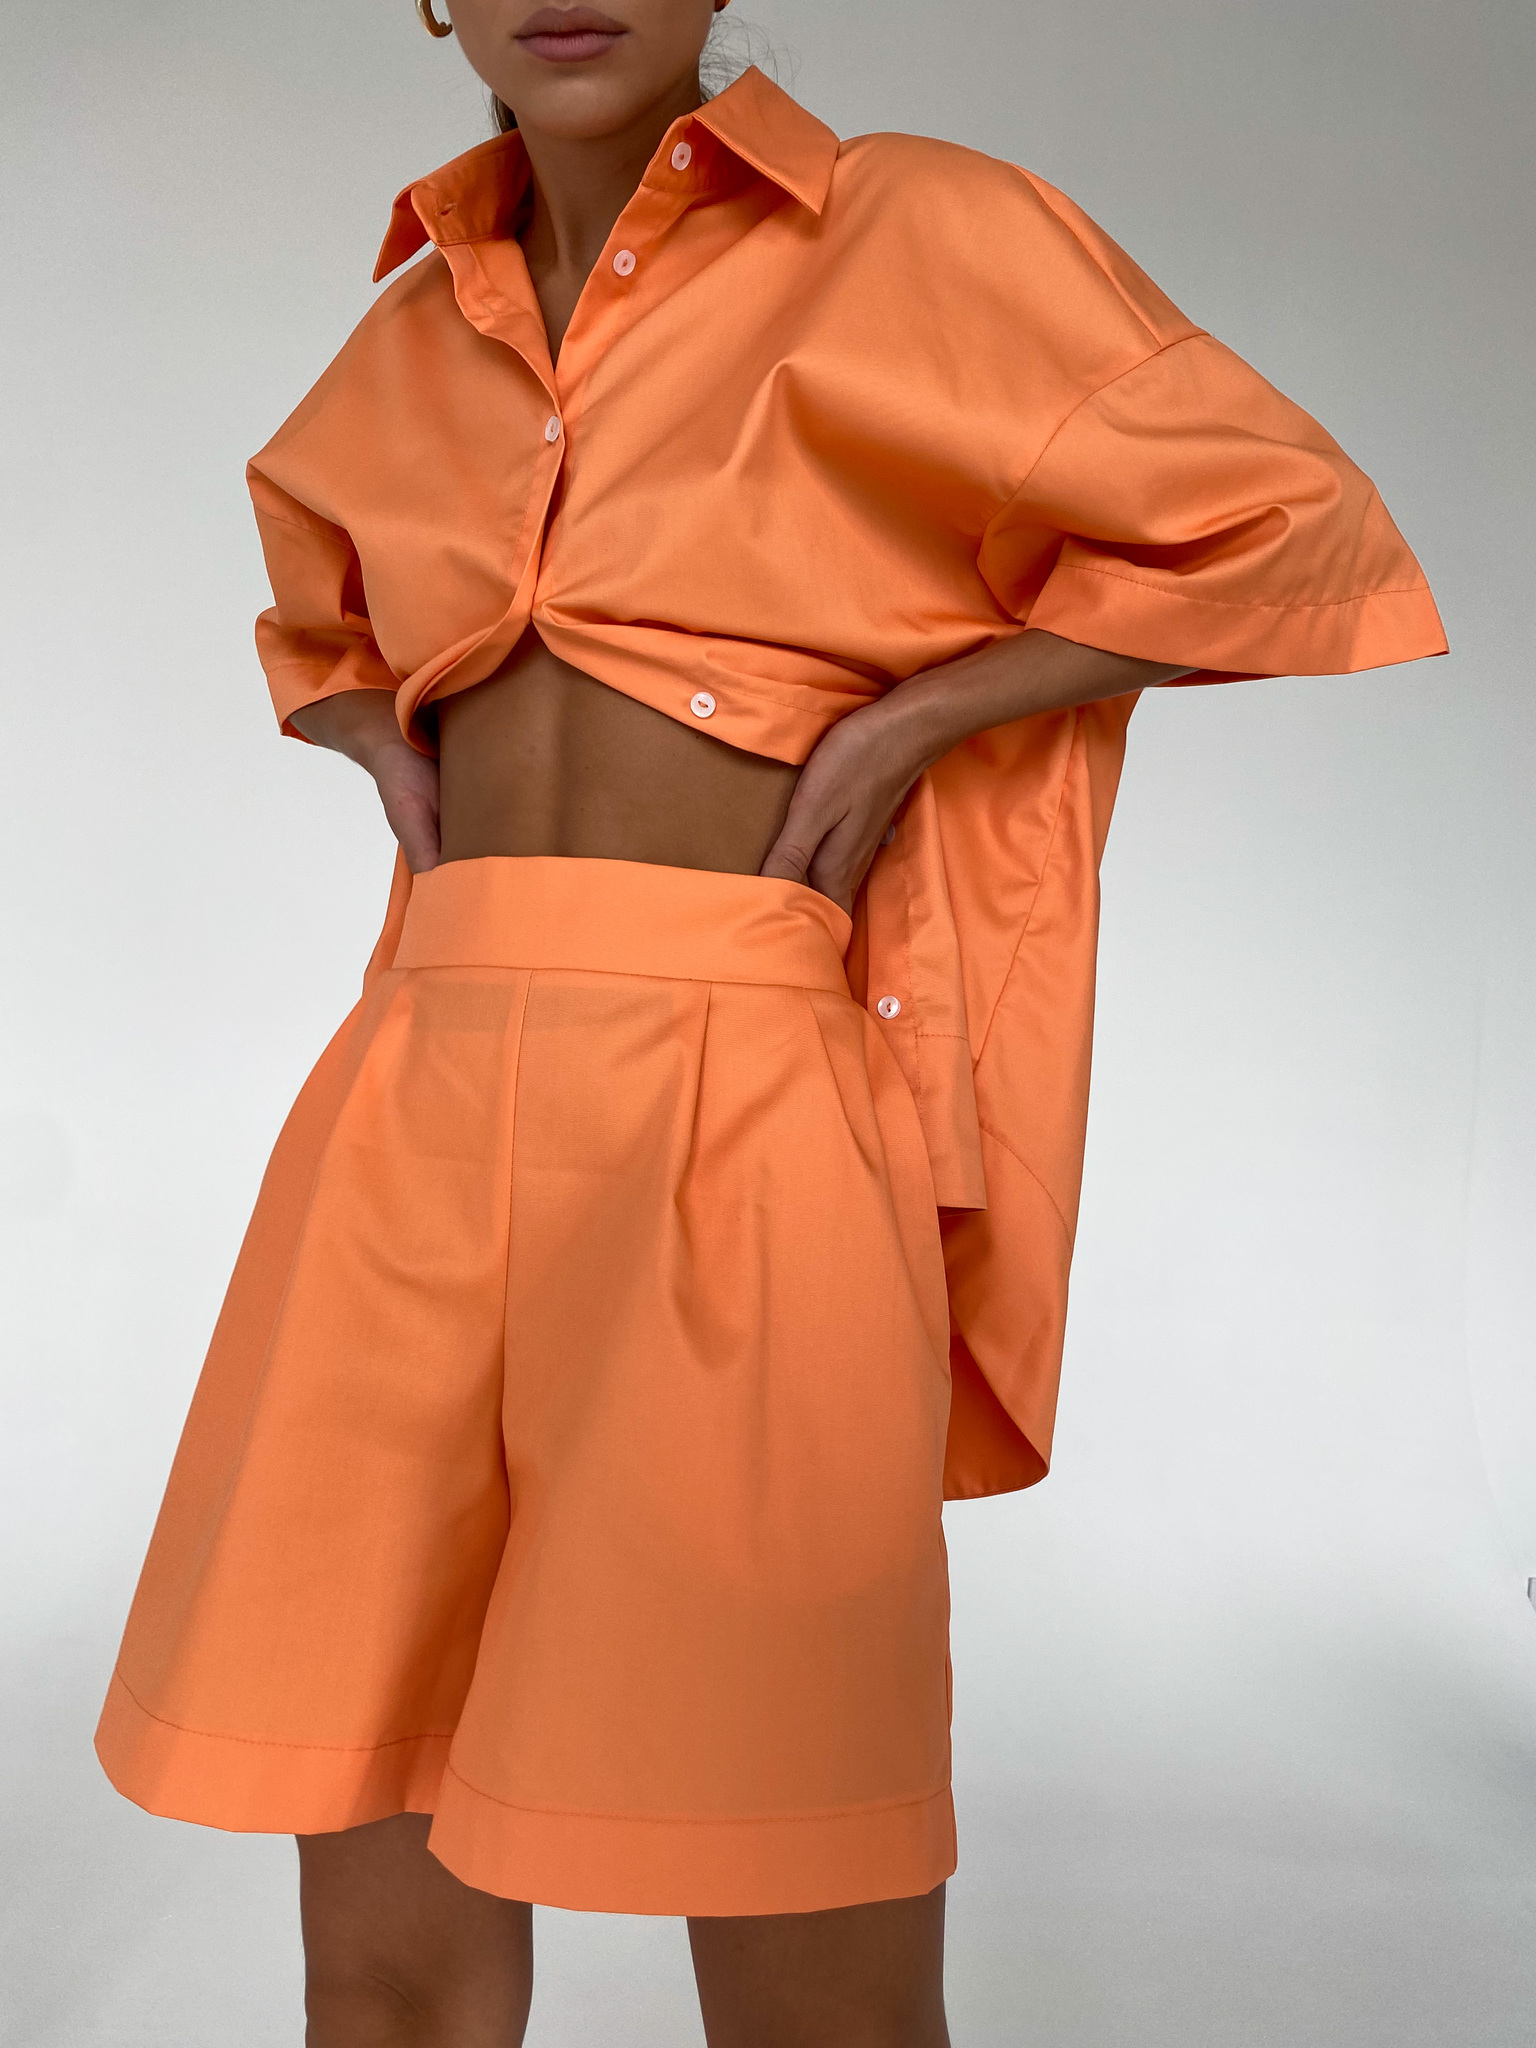 Шорты из хлопка на резинке (оранжевый)